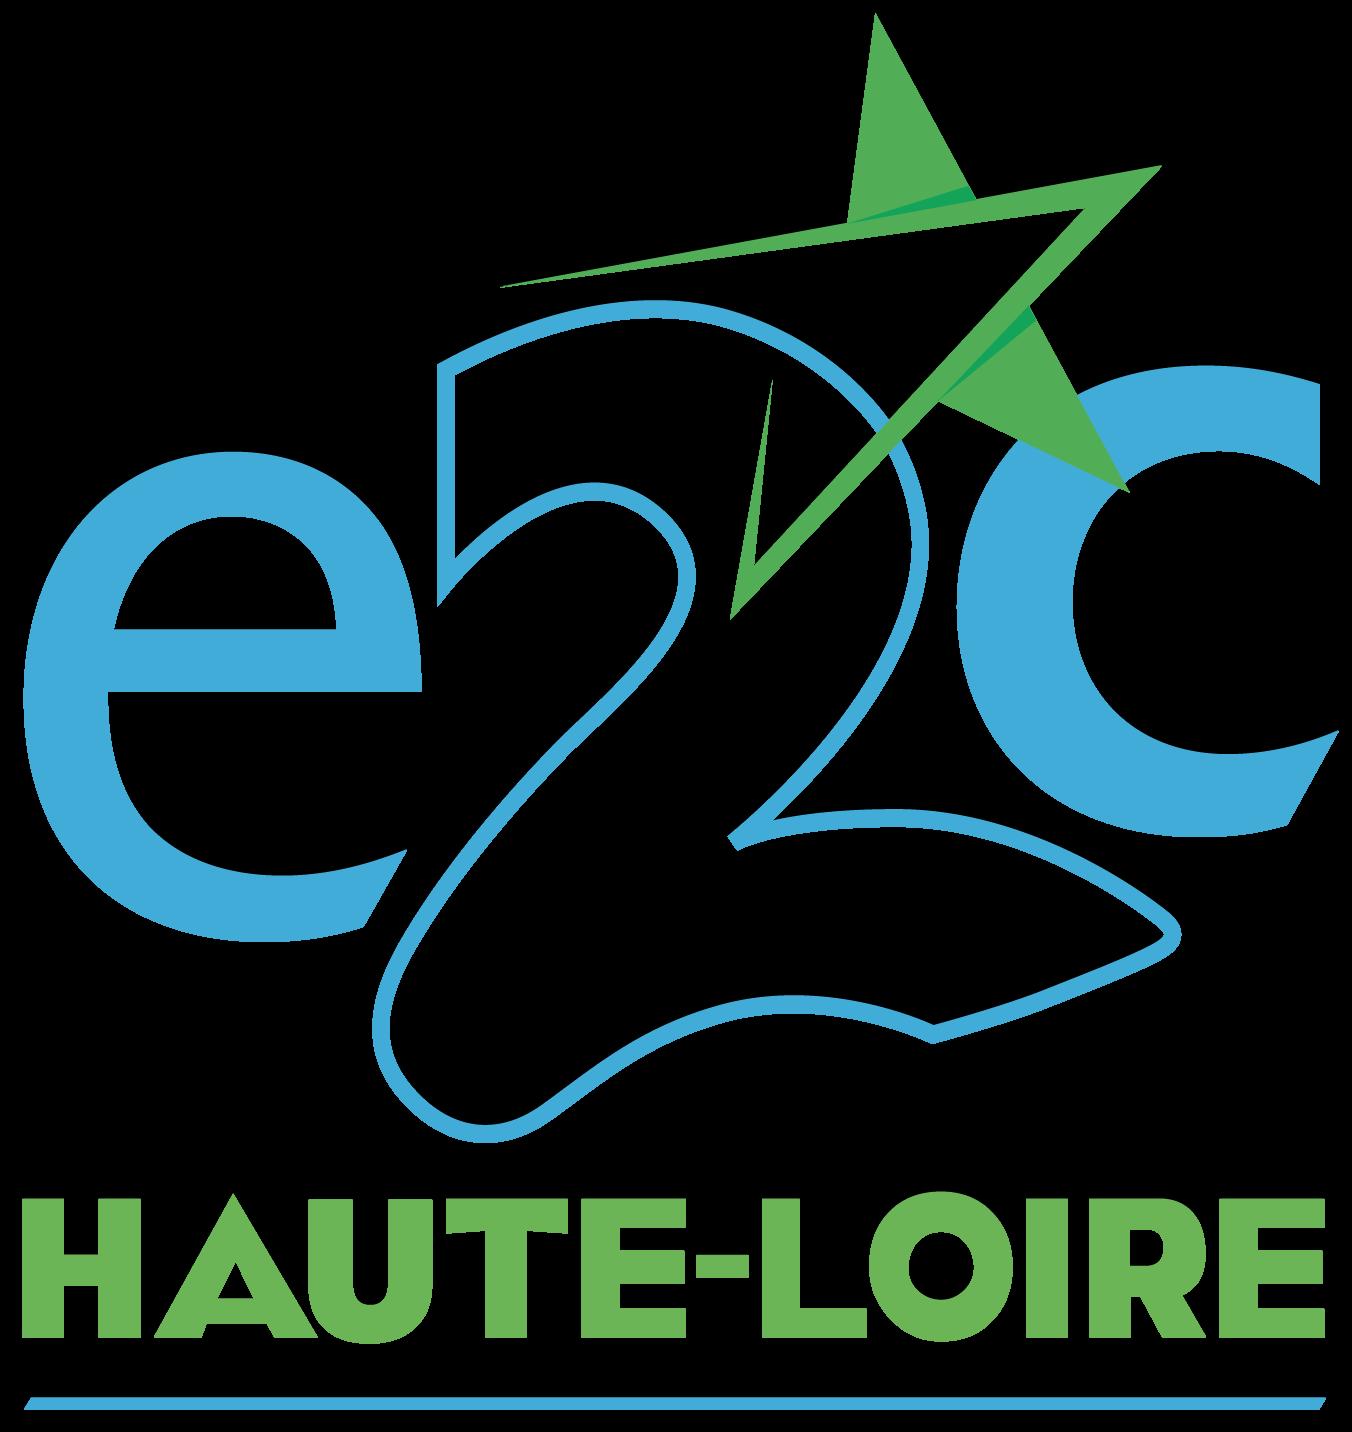 E2C Haute-Loire